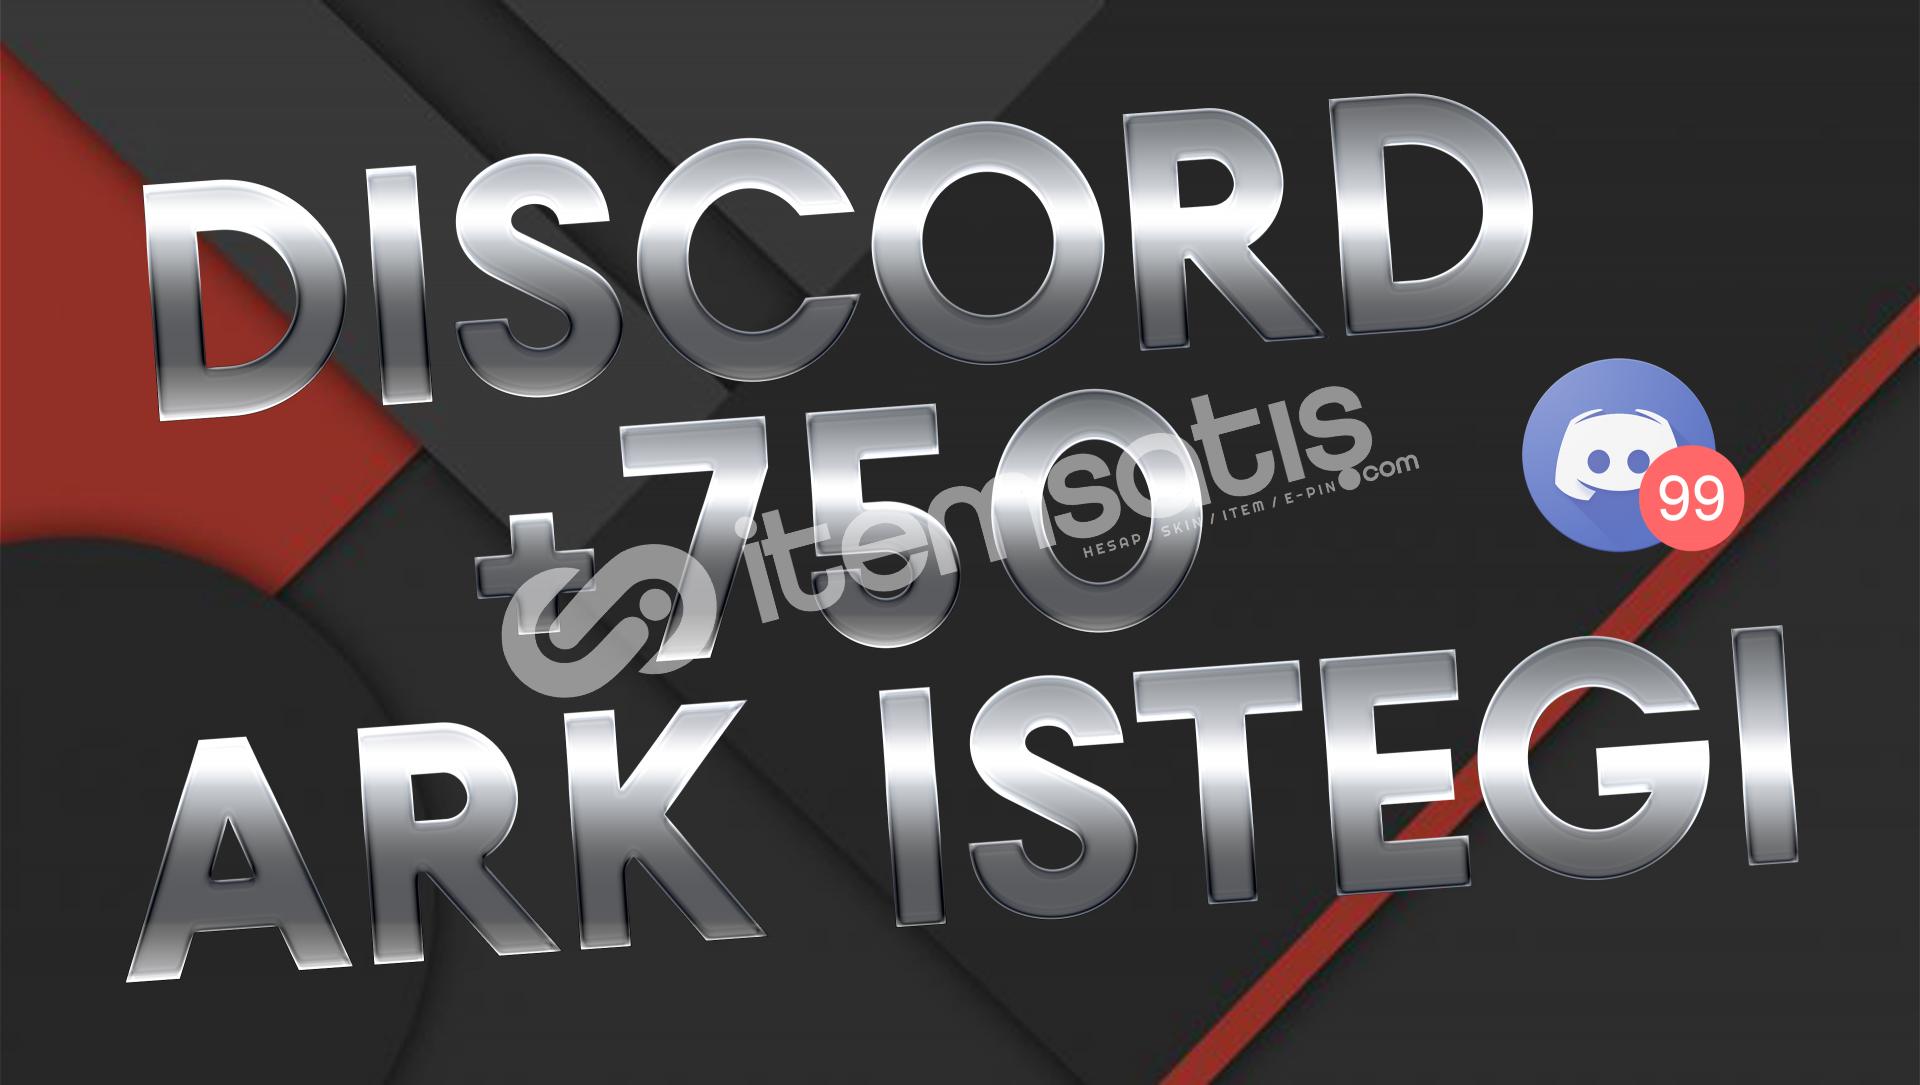 Discord 750 Adet Arkadaşlık İsteği